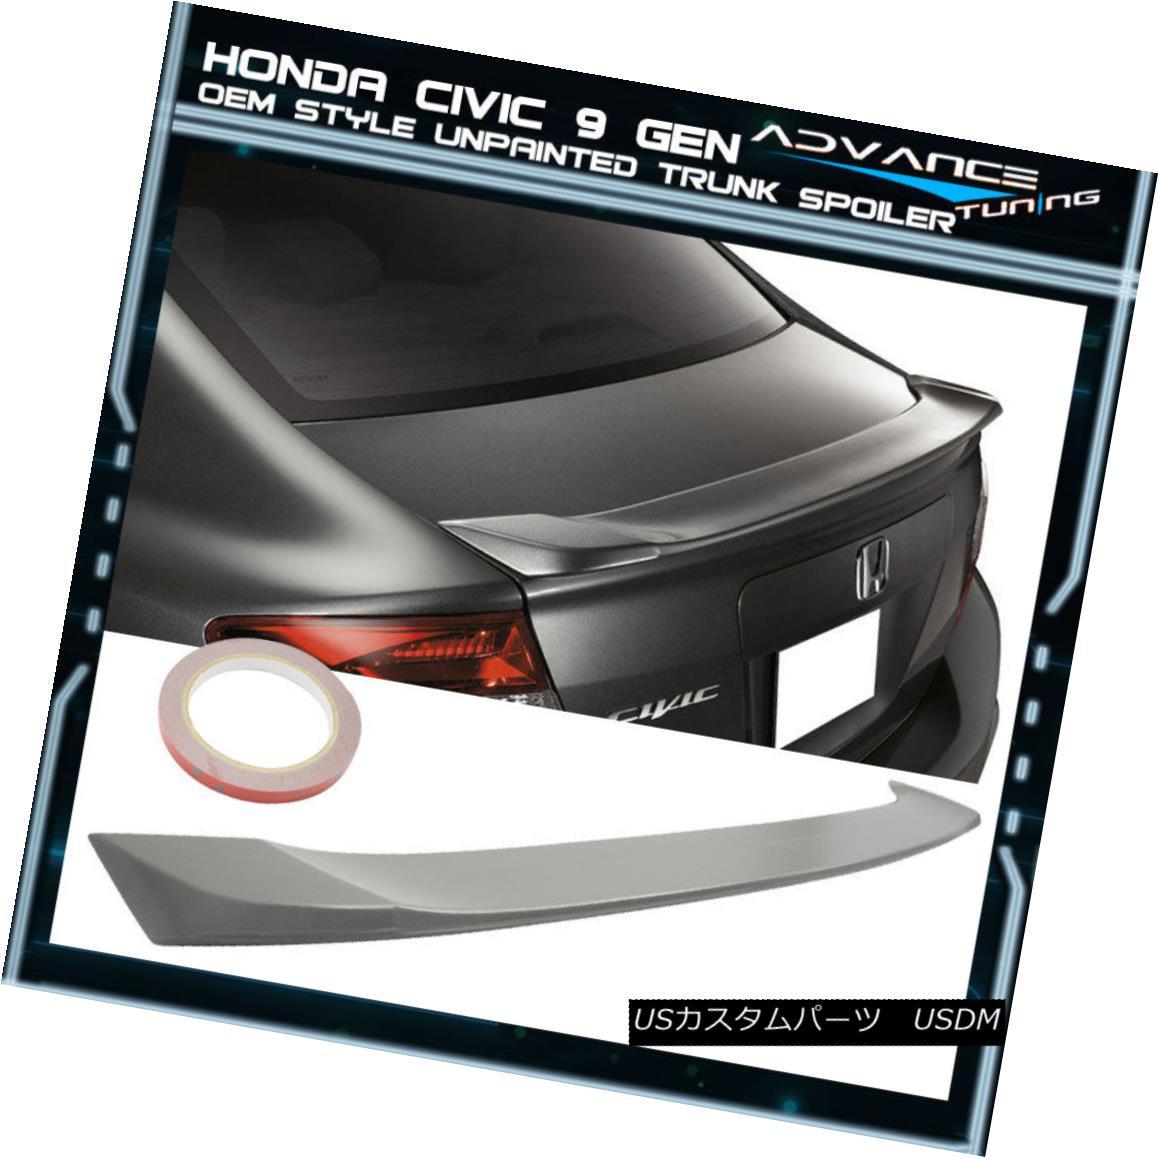 エアロパーツ 12-15 Honda Civic 9 Gen 4Door OE Style Unpainted ABS Trunk Spoiler 12-15 Honda Civic 9 Gen 4Door OEスタイル無塗装ABSトランク・スポイラー